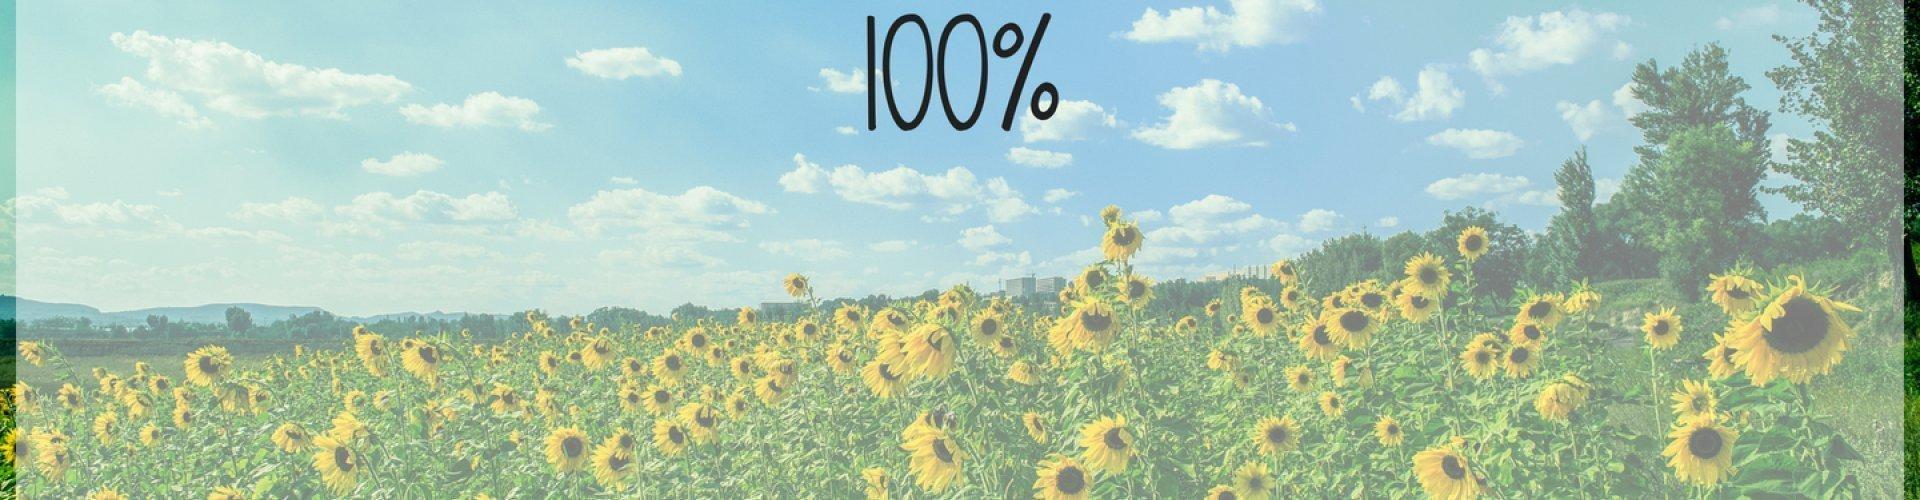 100% Przedpłaty | Oferta bezzwrotna